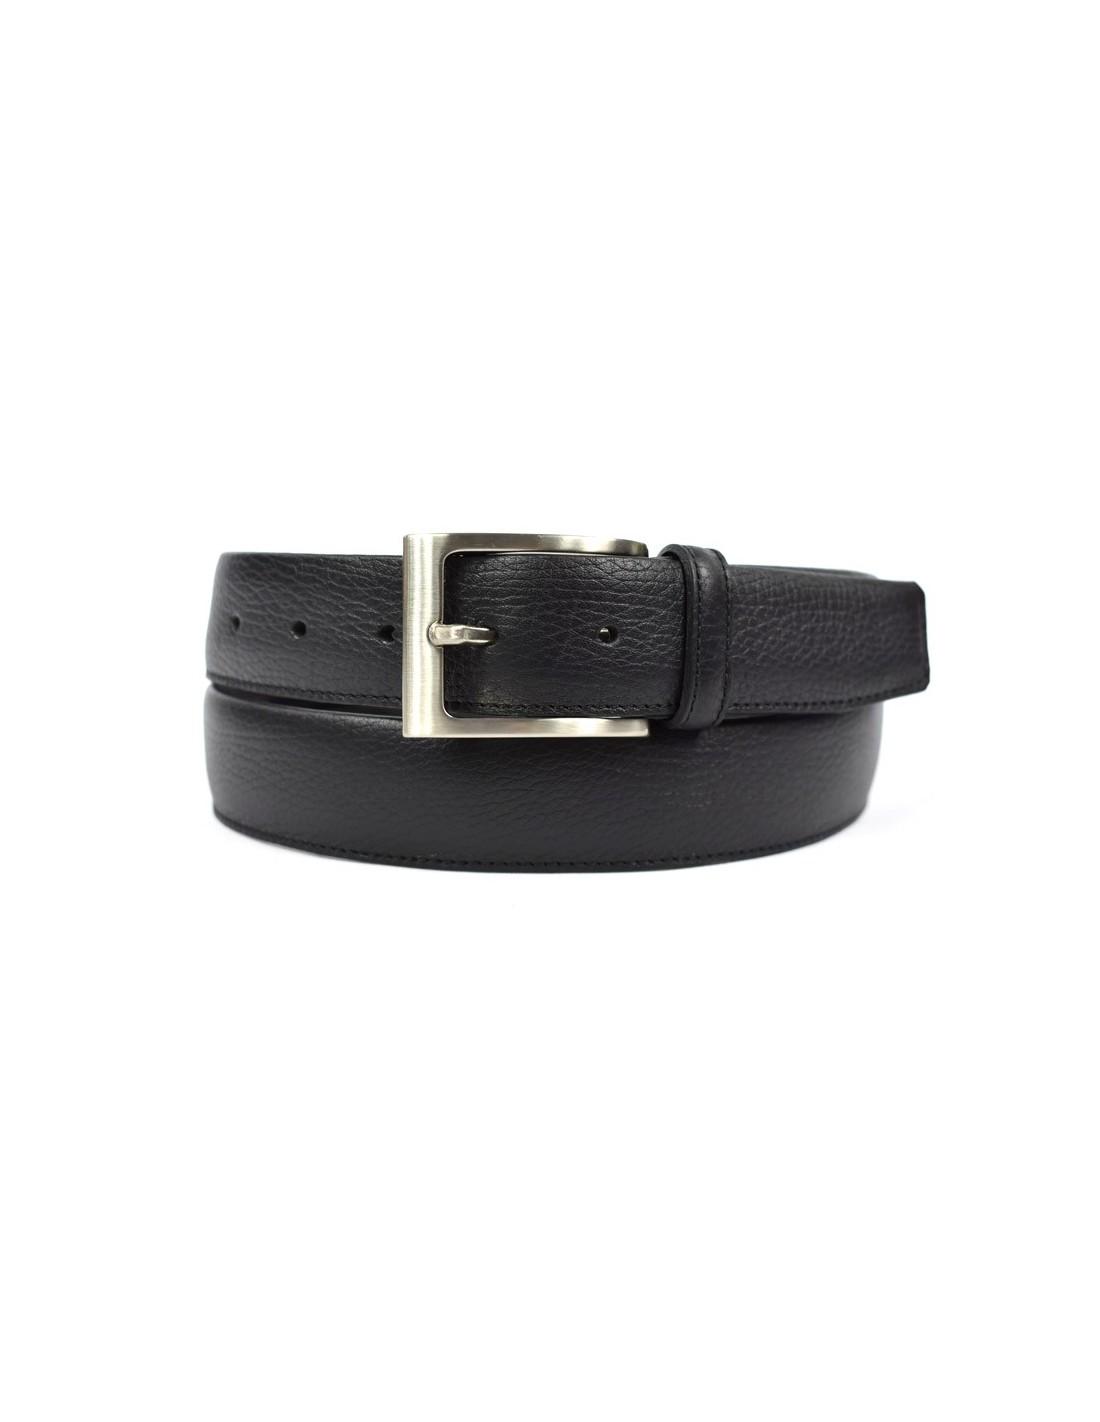 Cinturón de Hombre 34 mm, Tagar - de Piel con Cremallera para billetes